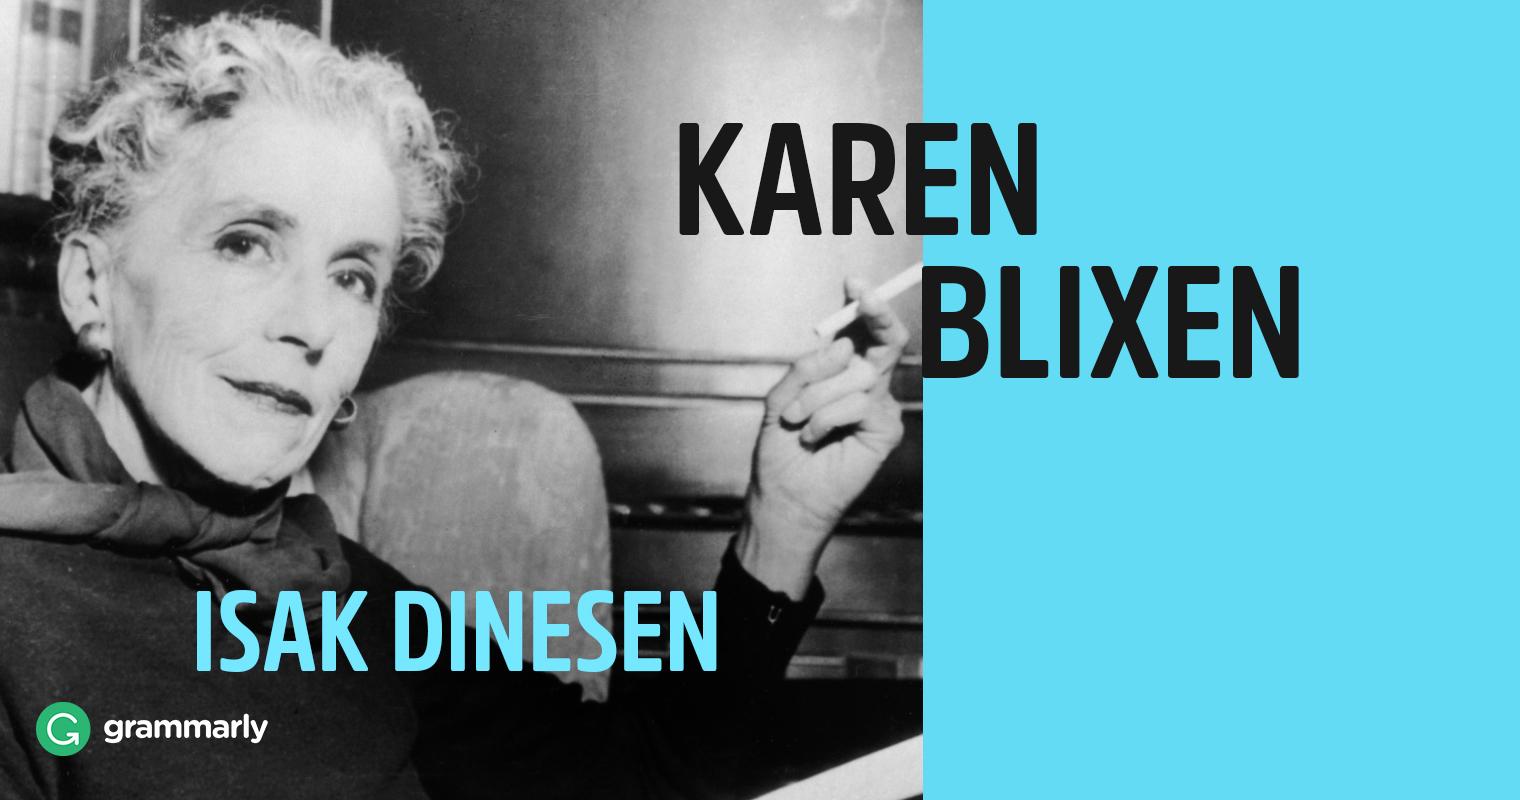 Karen Blixen and Isak-Dinesen